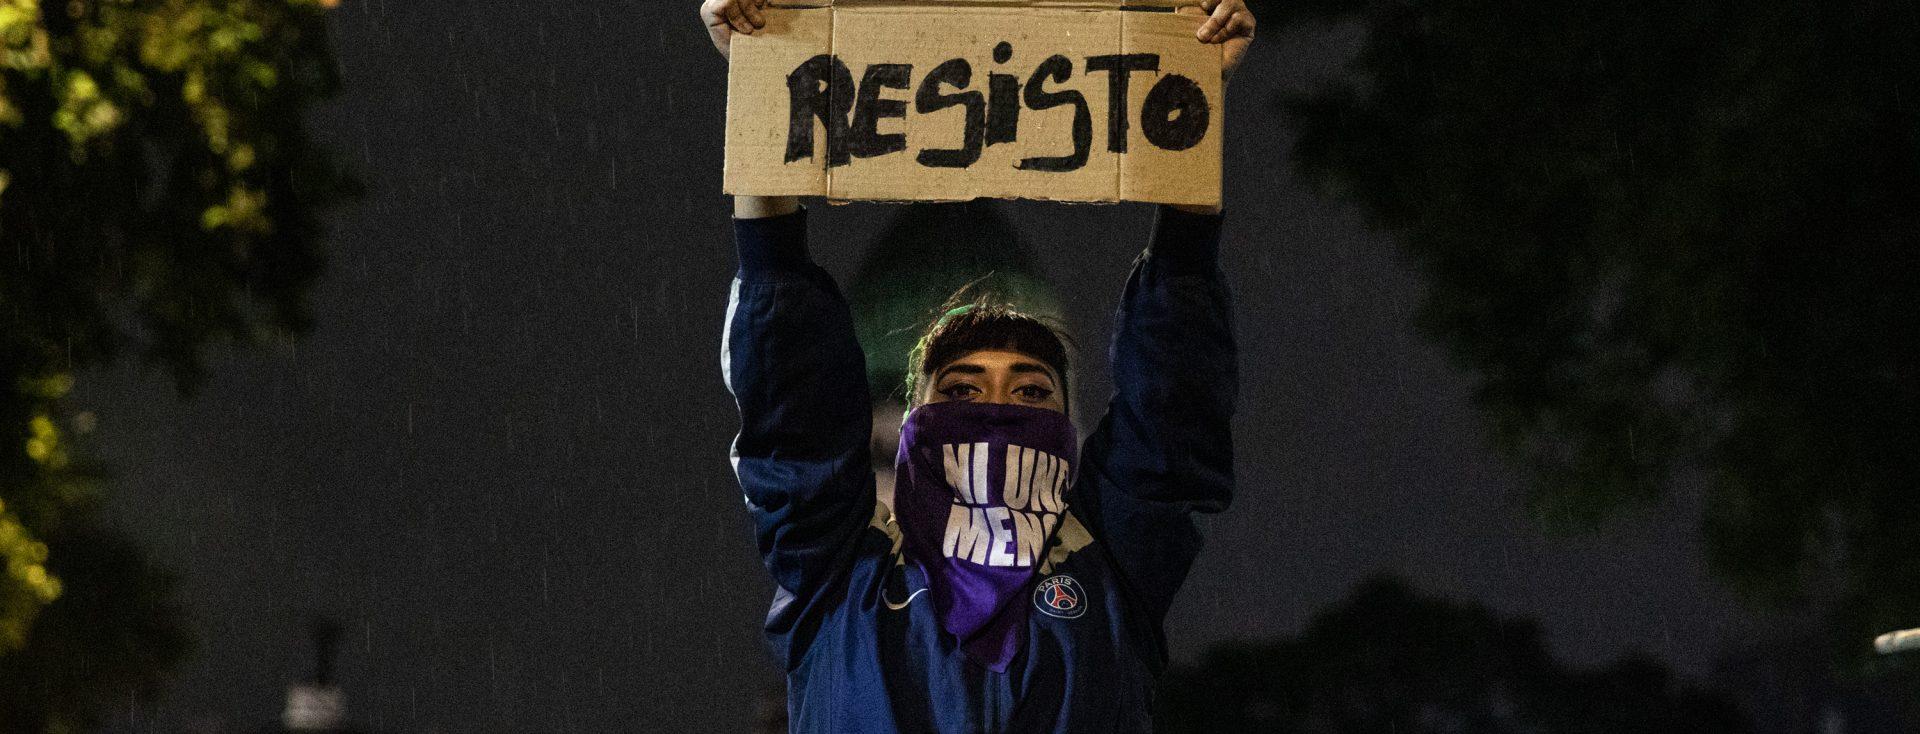 Otra vez sopa de caño: redes, desinformación y justicia feminista